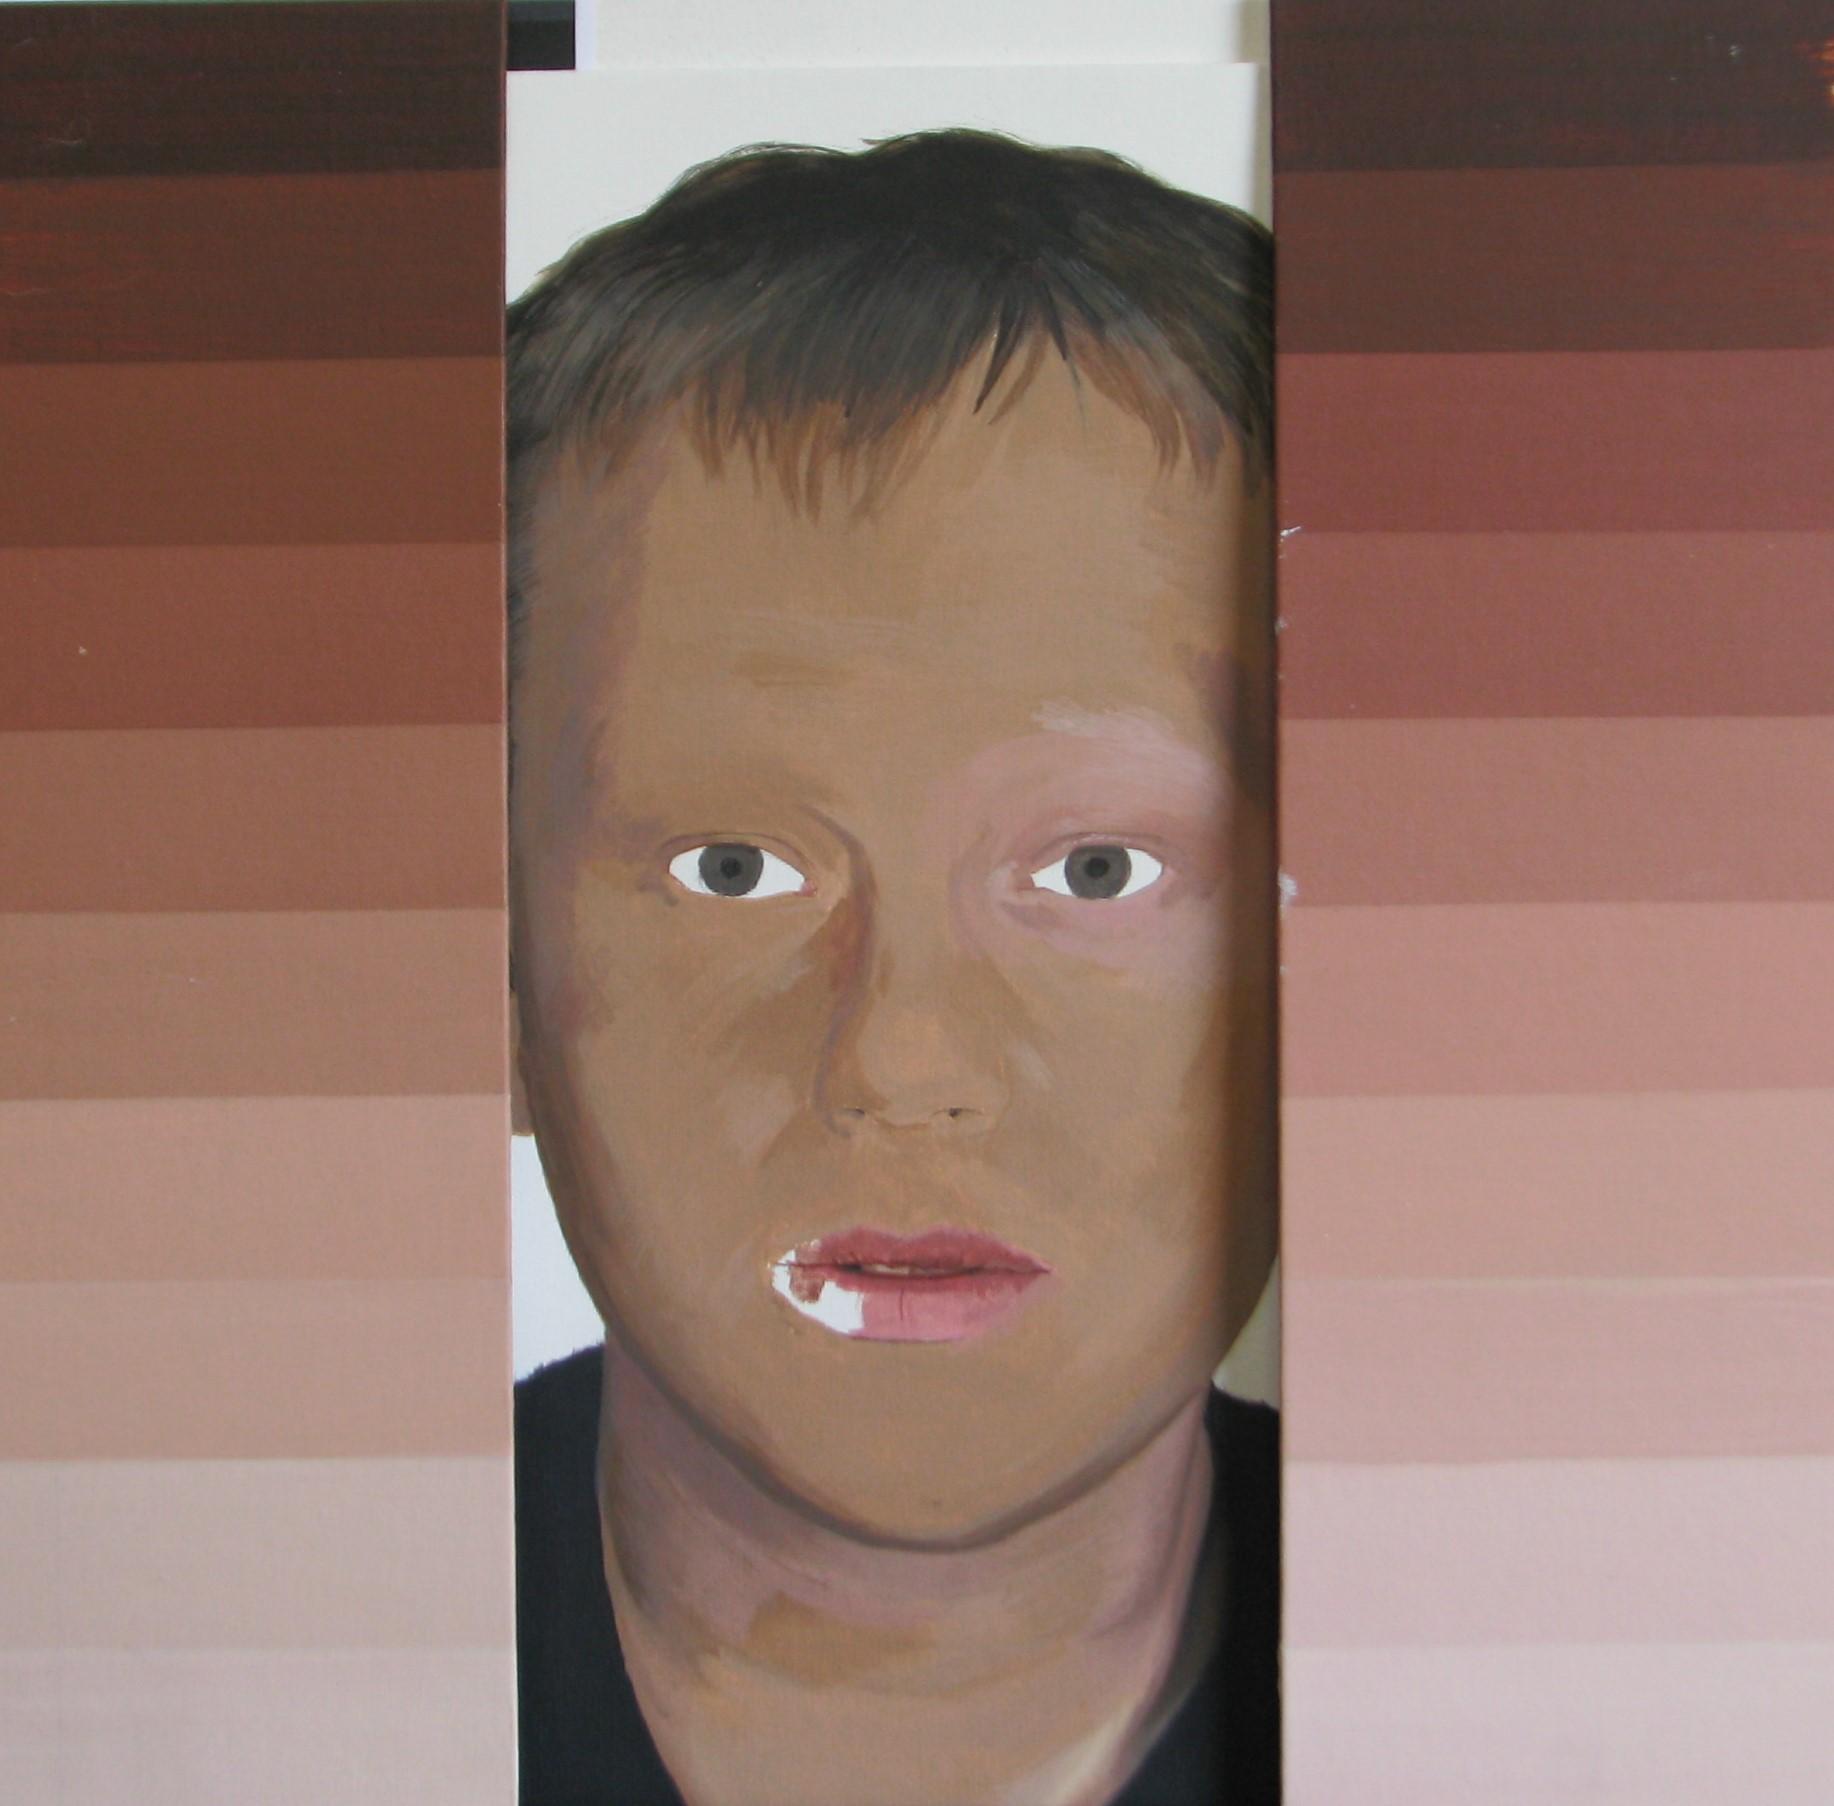 Basis portretschilderen Nog nooit een portret geschilderd en wil je op enkele dagen de basisbeginselen onder de knie krijgen? Wij hebben een programma uitgewerkt dat dit voor iedereen mogelijk is.